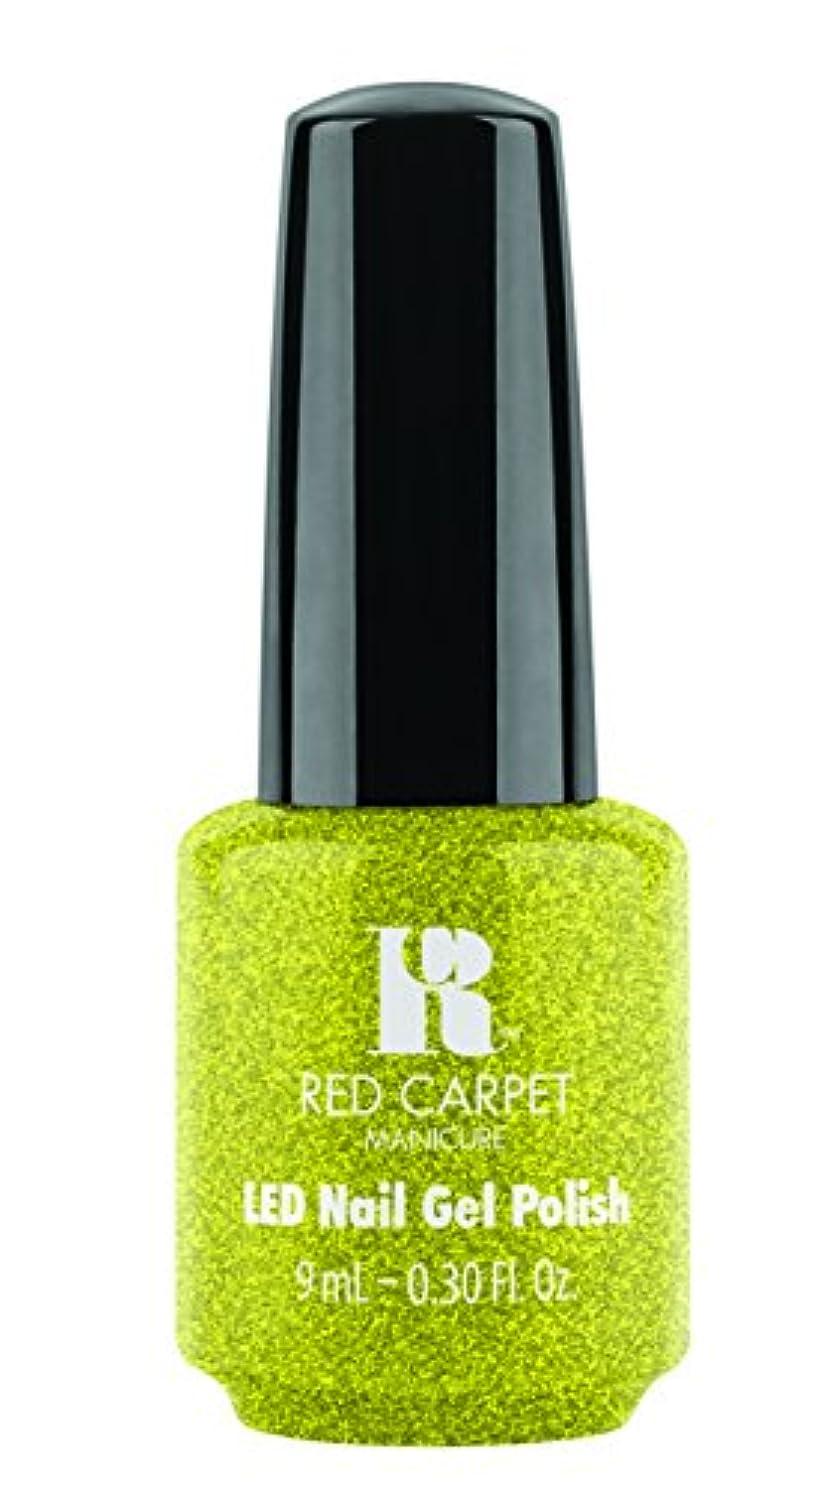 意志に反するコスチュームシフトRed Carpet Manicure - LED Nail Gel Polish - Power of the Gemstones - Peridot - 0.3oz/9ml